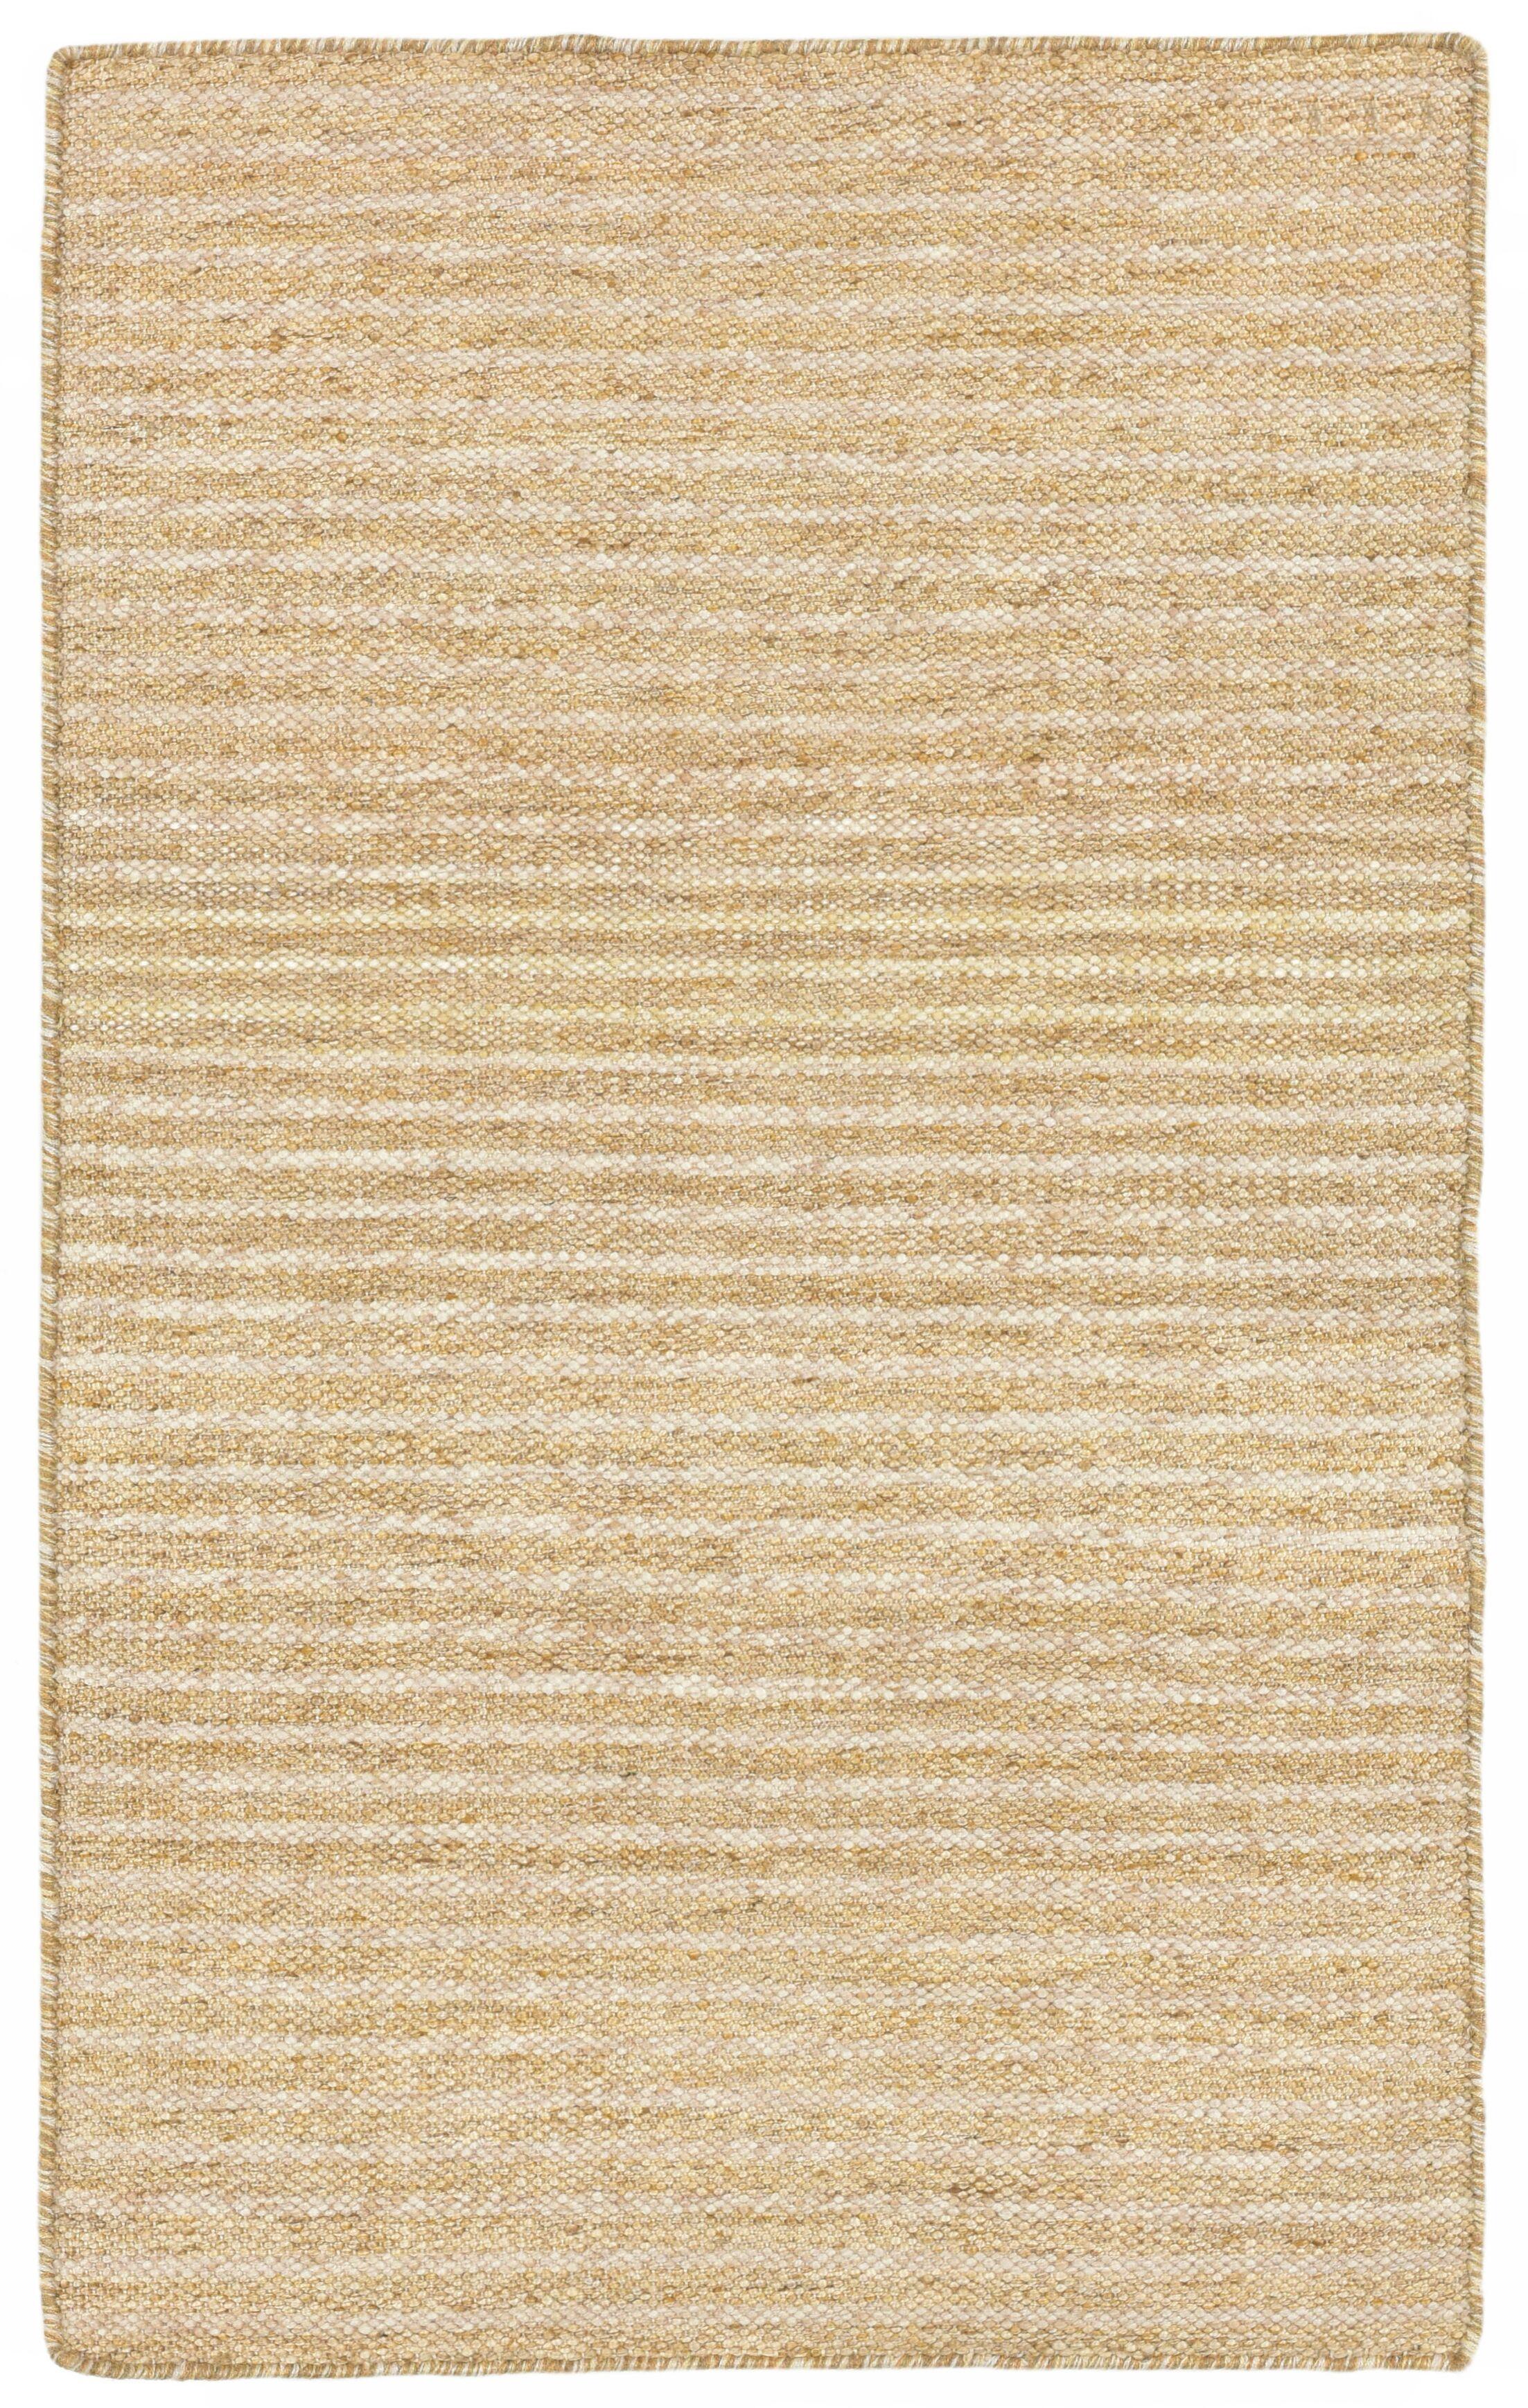 Blueridge Hand-Woven Neutral Indoor/Outdoor Area Rug Rug Size: 7'6